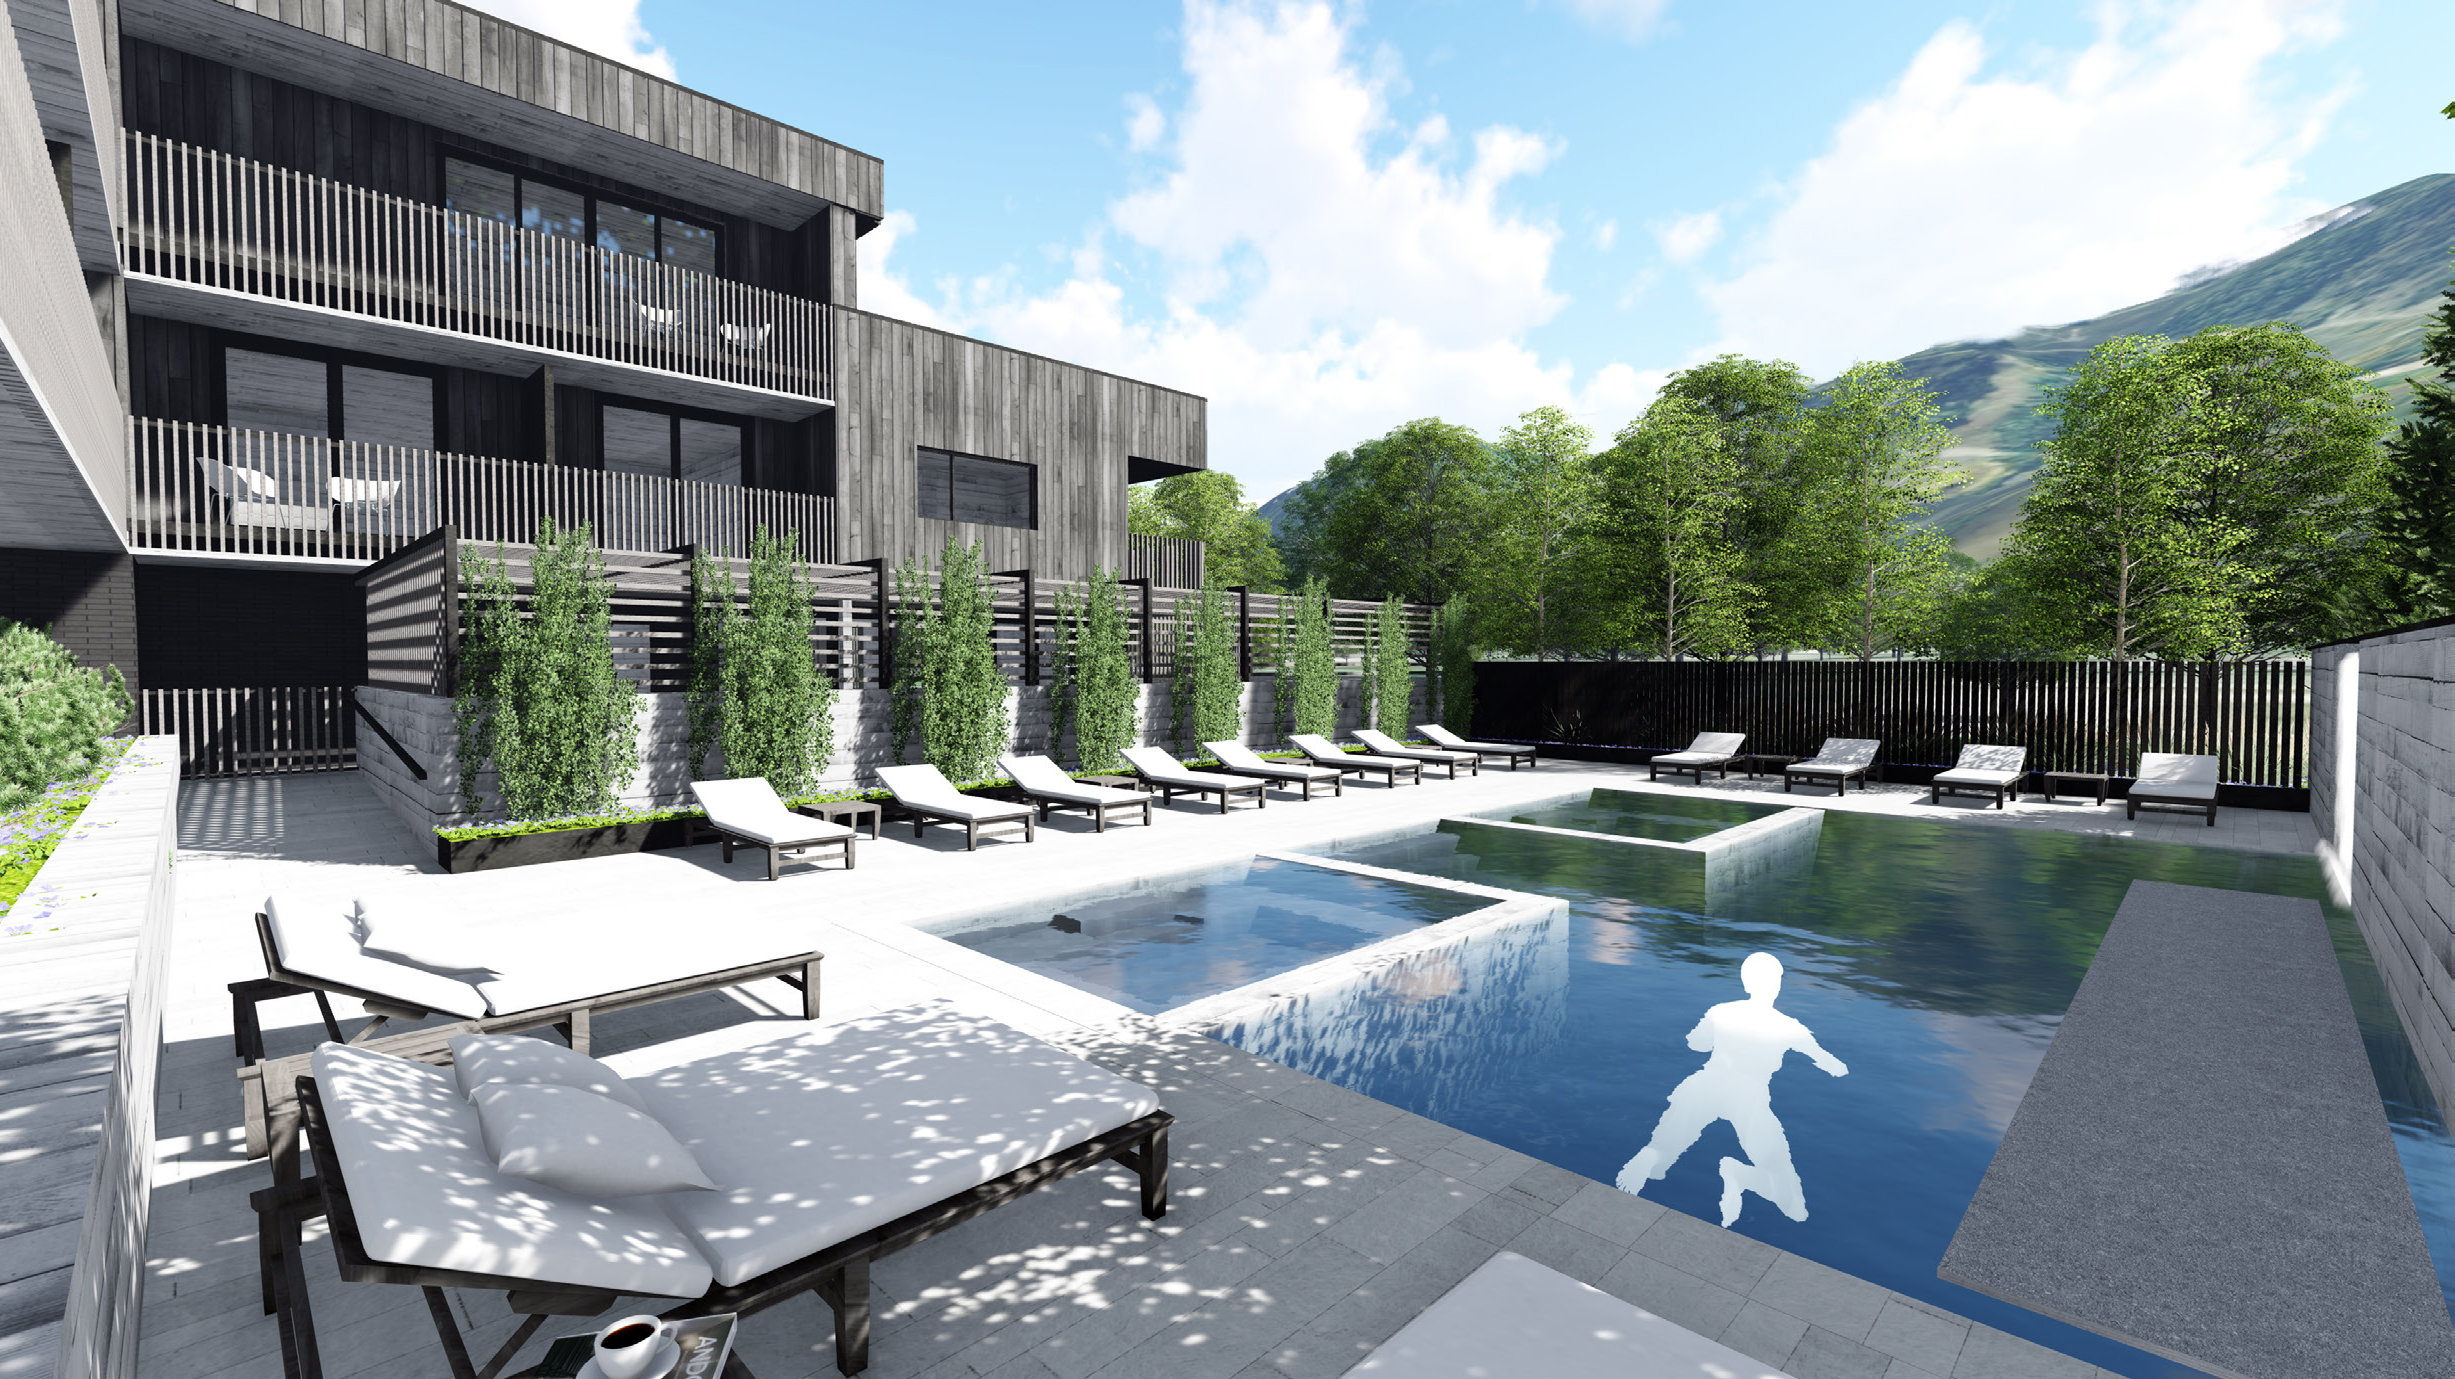 ALA - HOTEL ASPEN_POOL DECK Swimmer.jpg